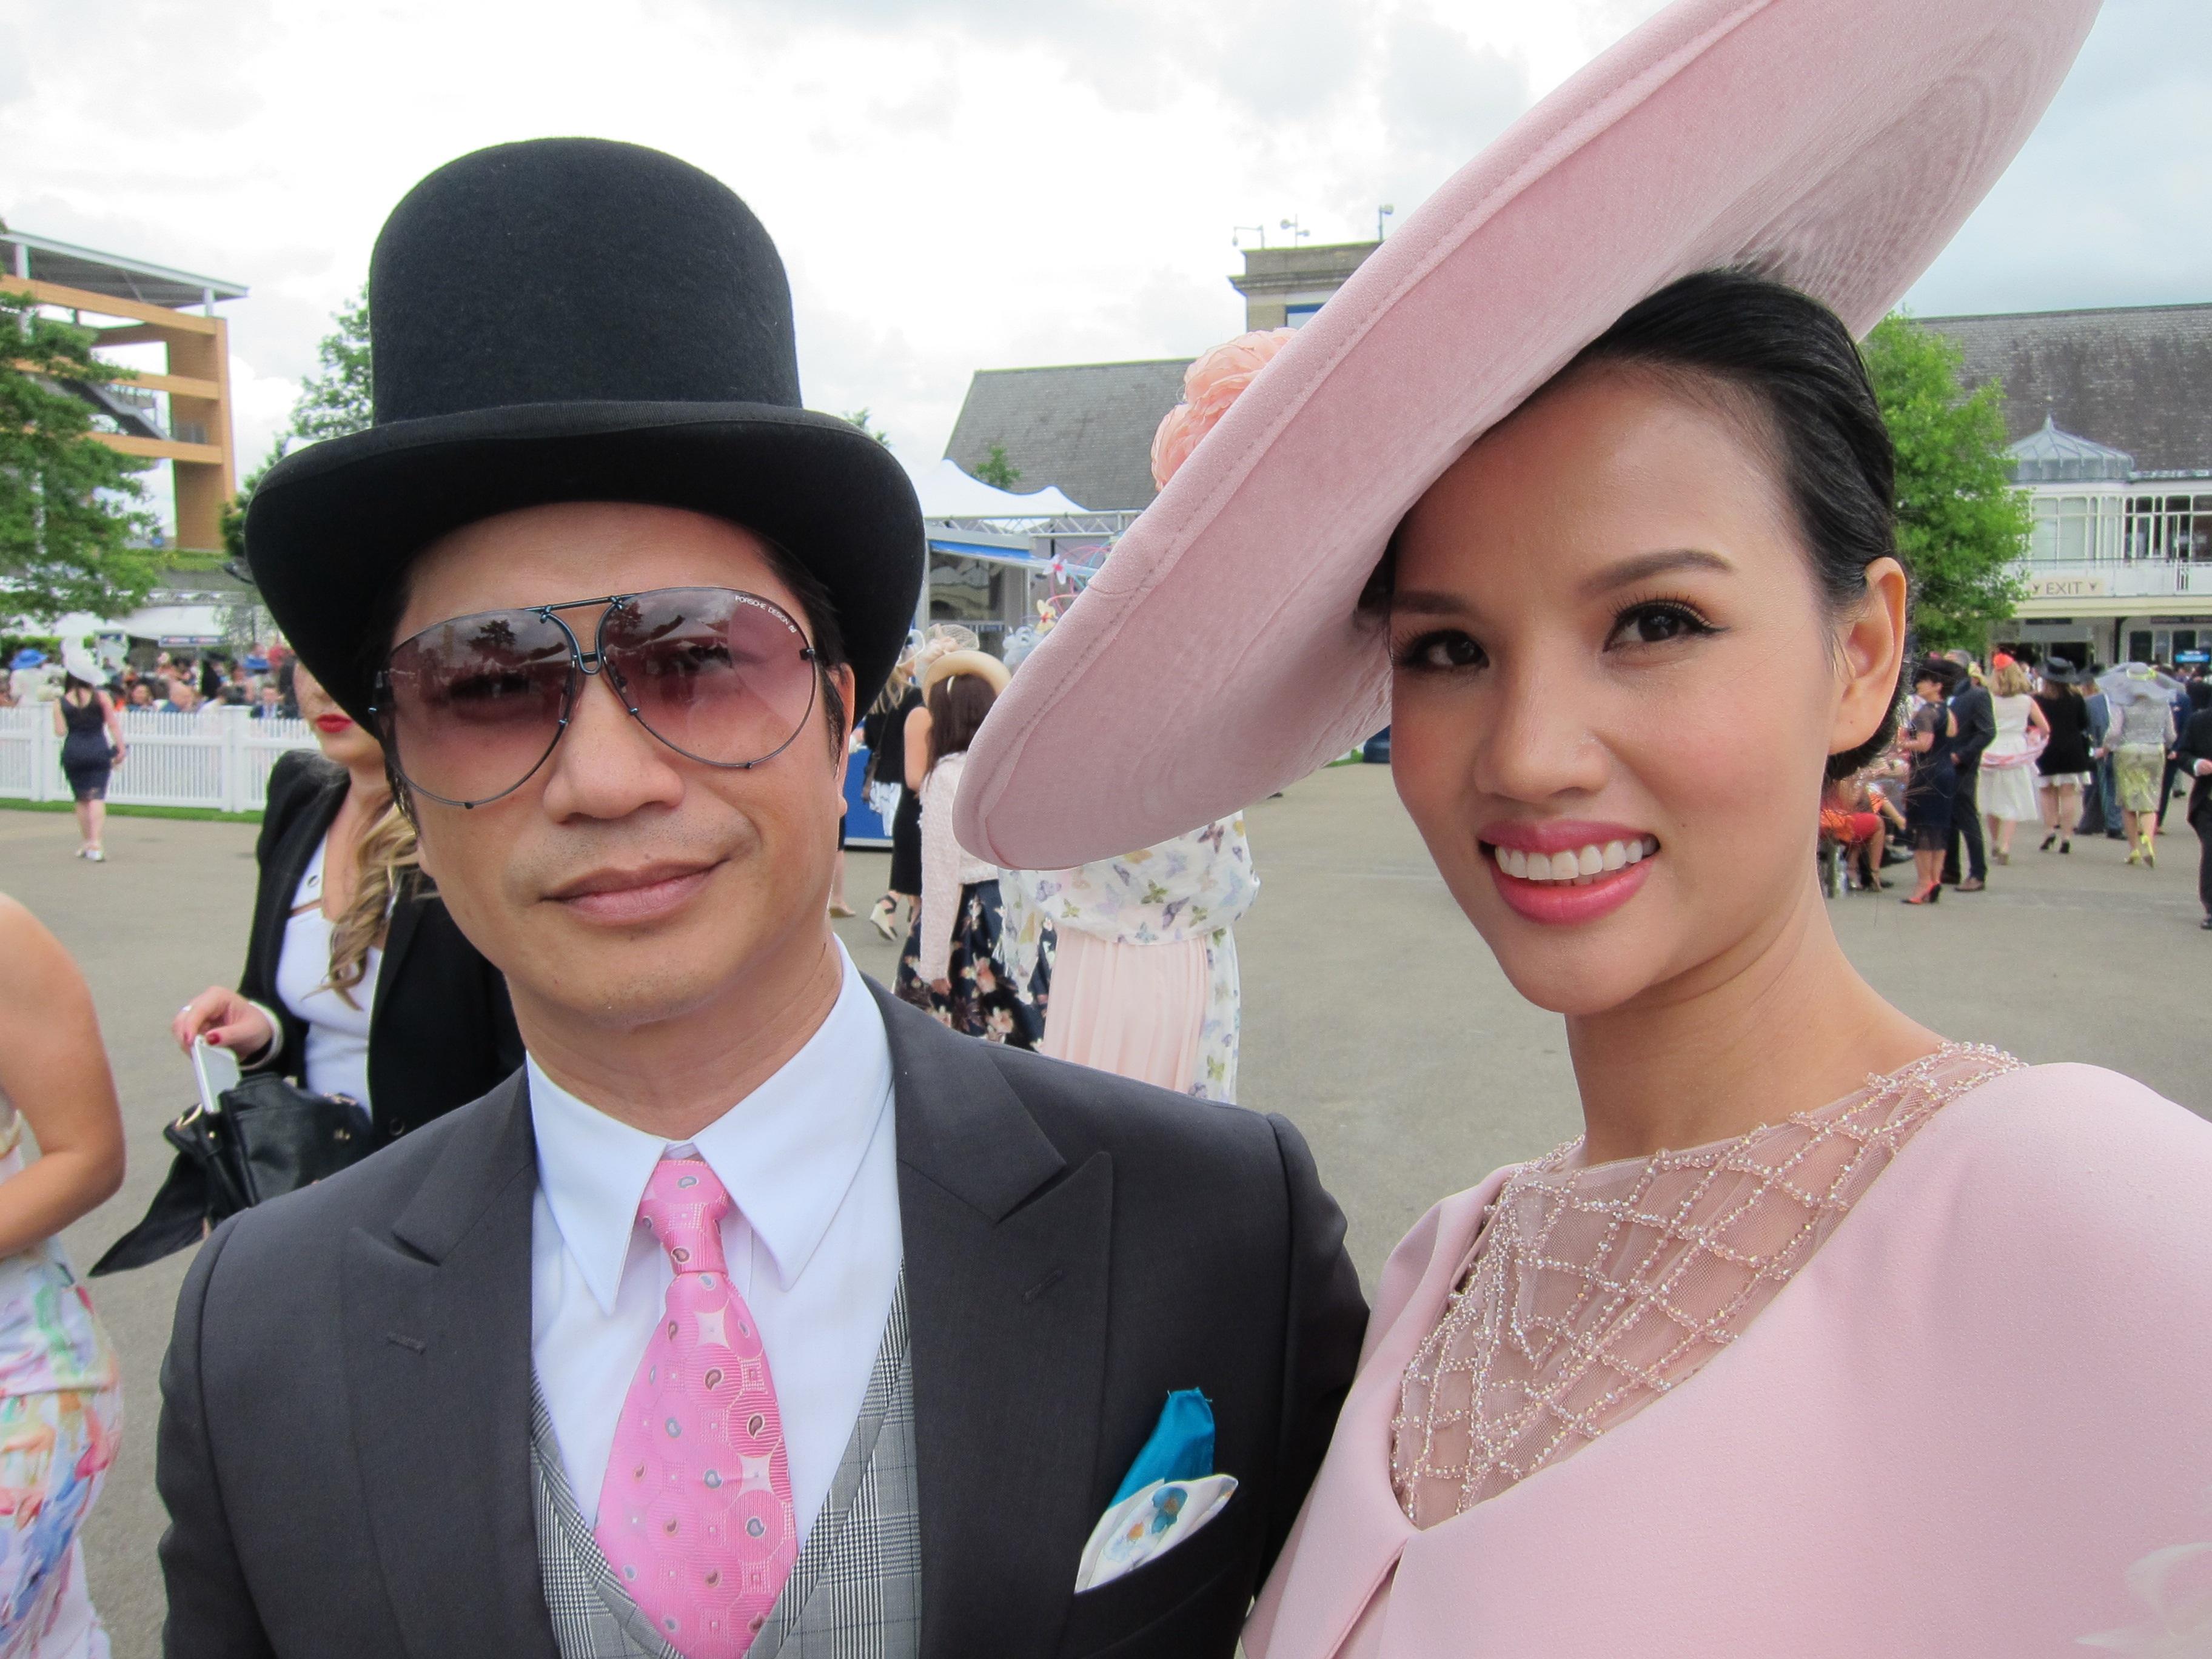 Dustin Nguyễn - Bebe dự đua ngựa mừng sinh nhật nữ hoàng Anh 90 tuổi - 15